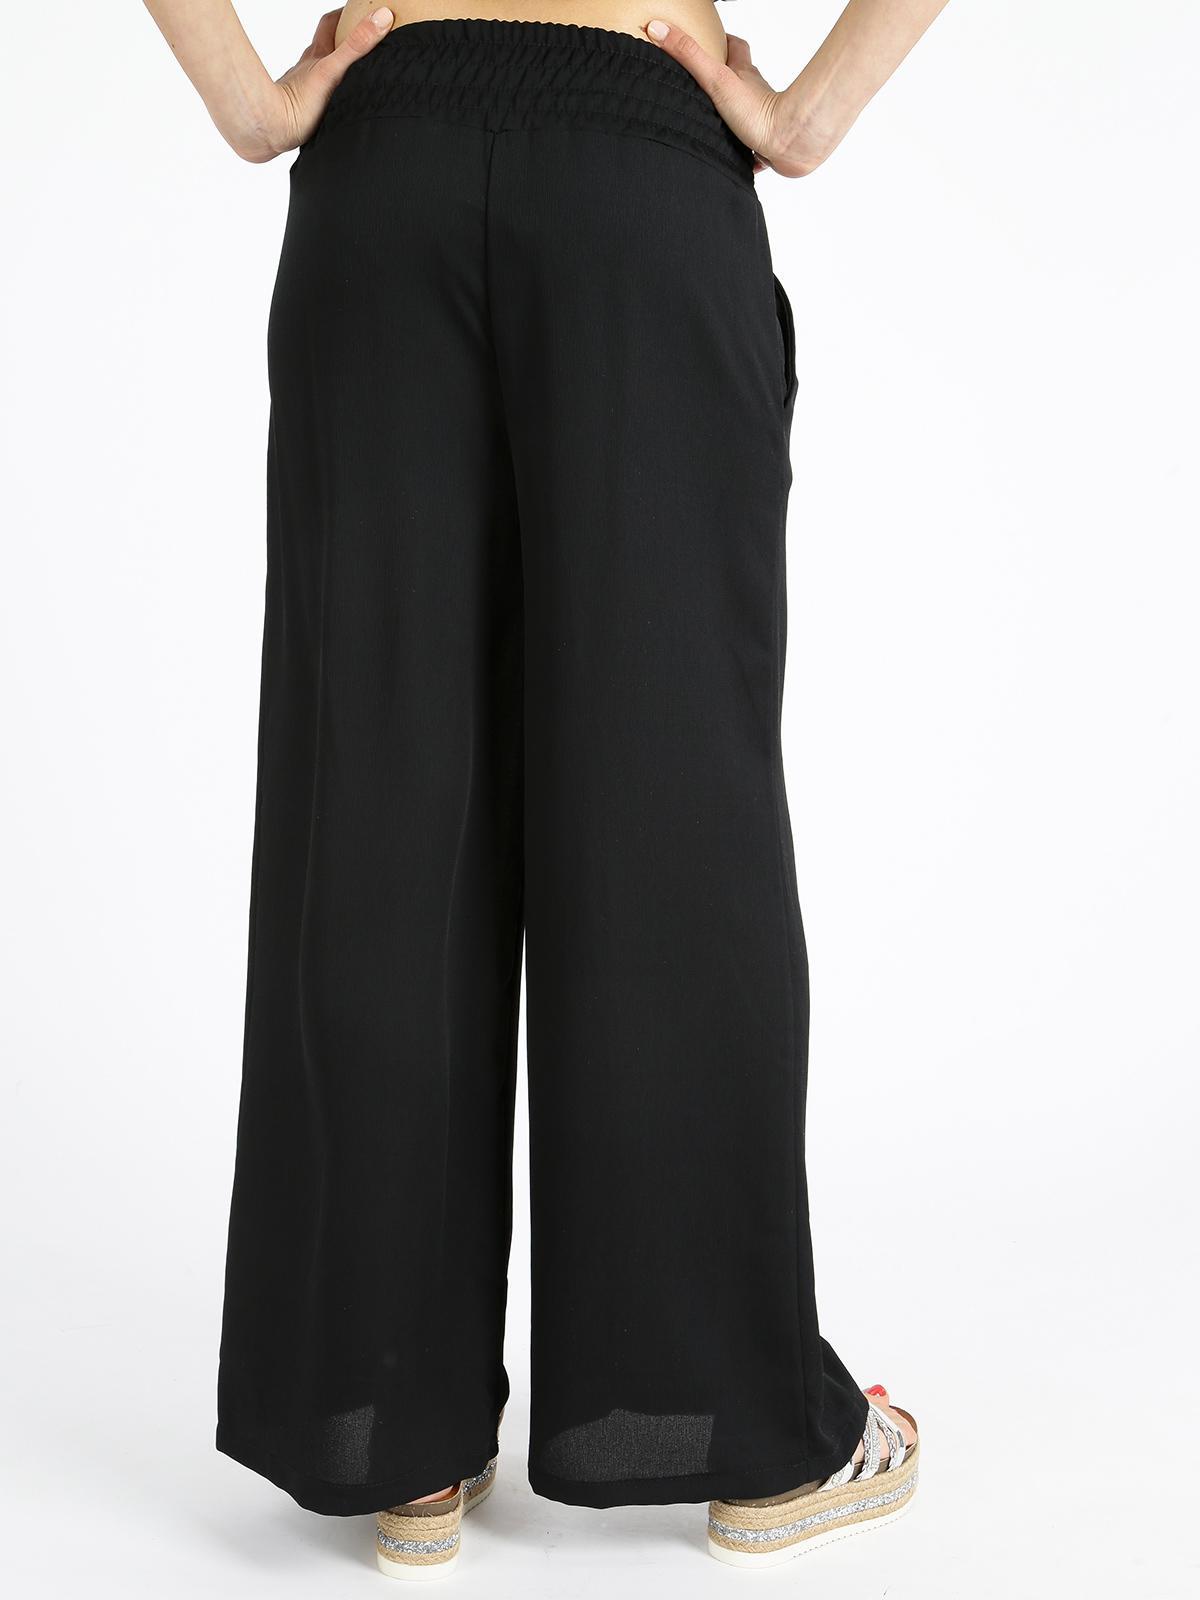 pantaloni a palazzo Donna con fiocco nero Pantapalazzo neri